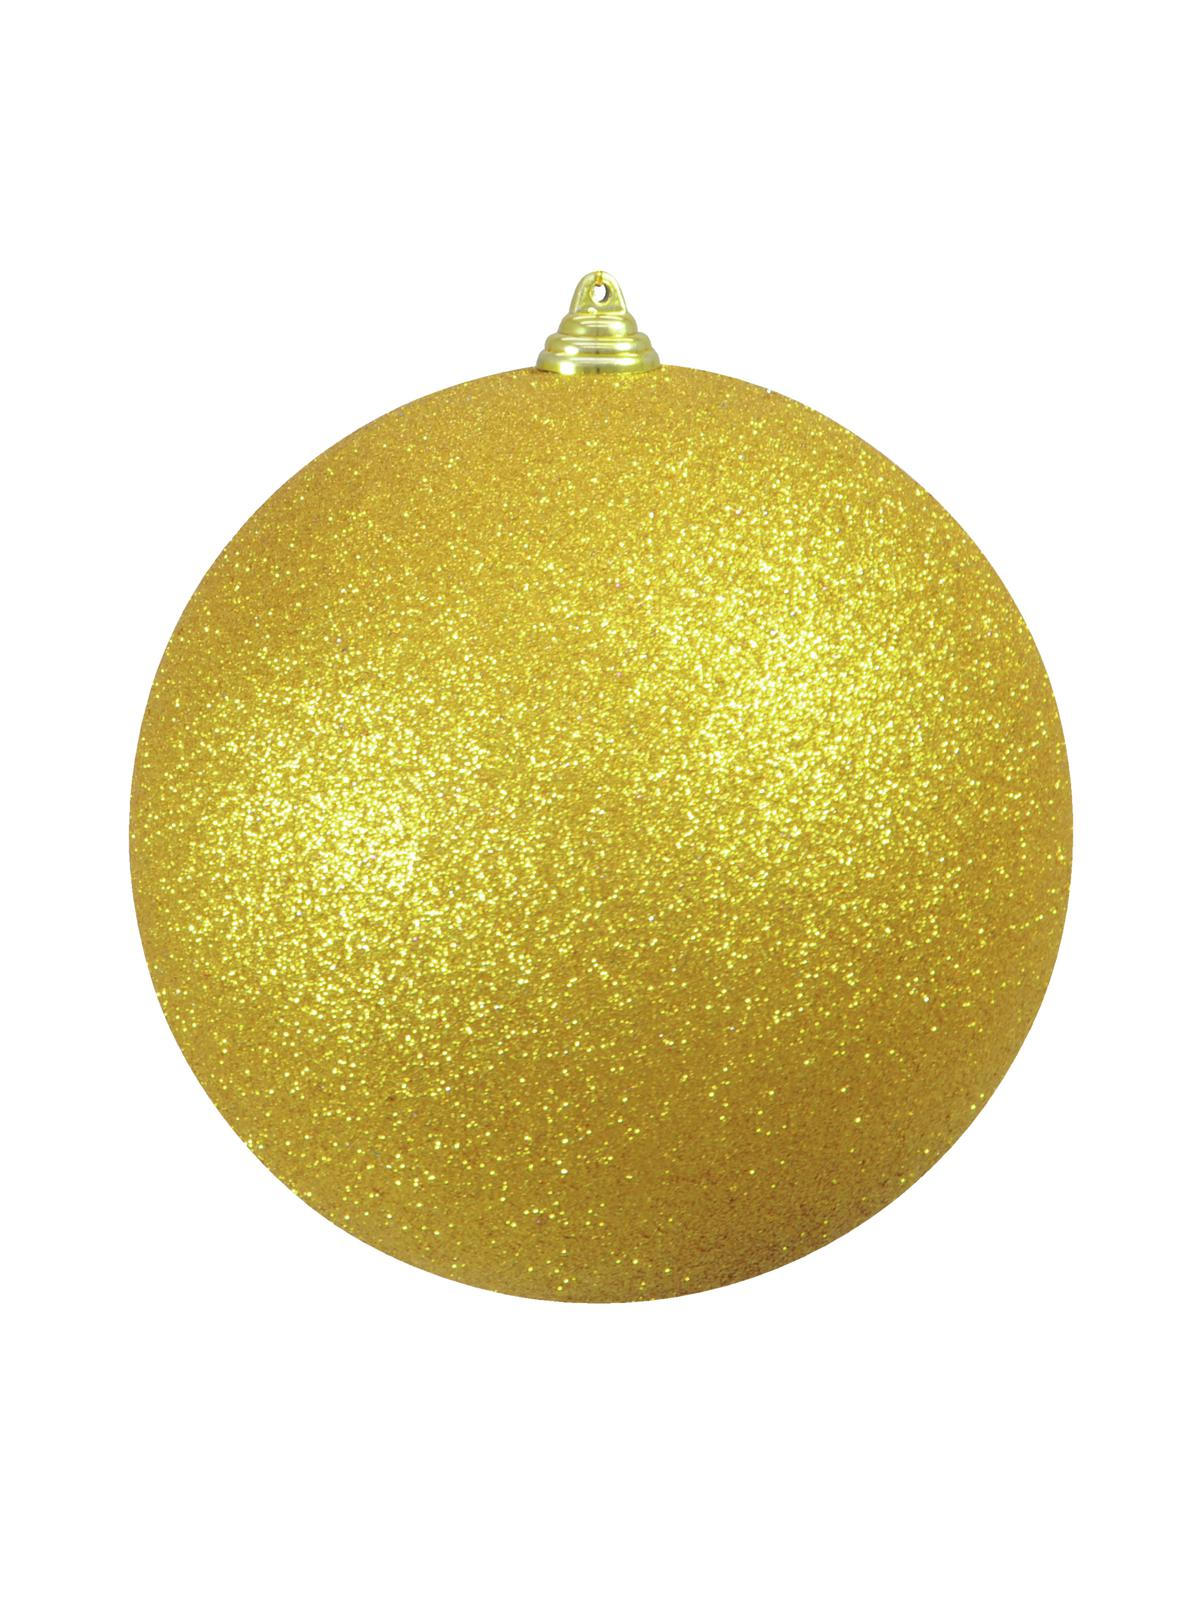 Vánoční dekorační ozdoba, 20 cm, zlatá se třpytkami, 1 ks